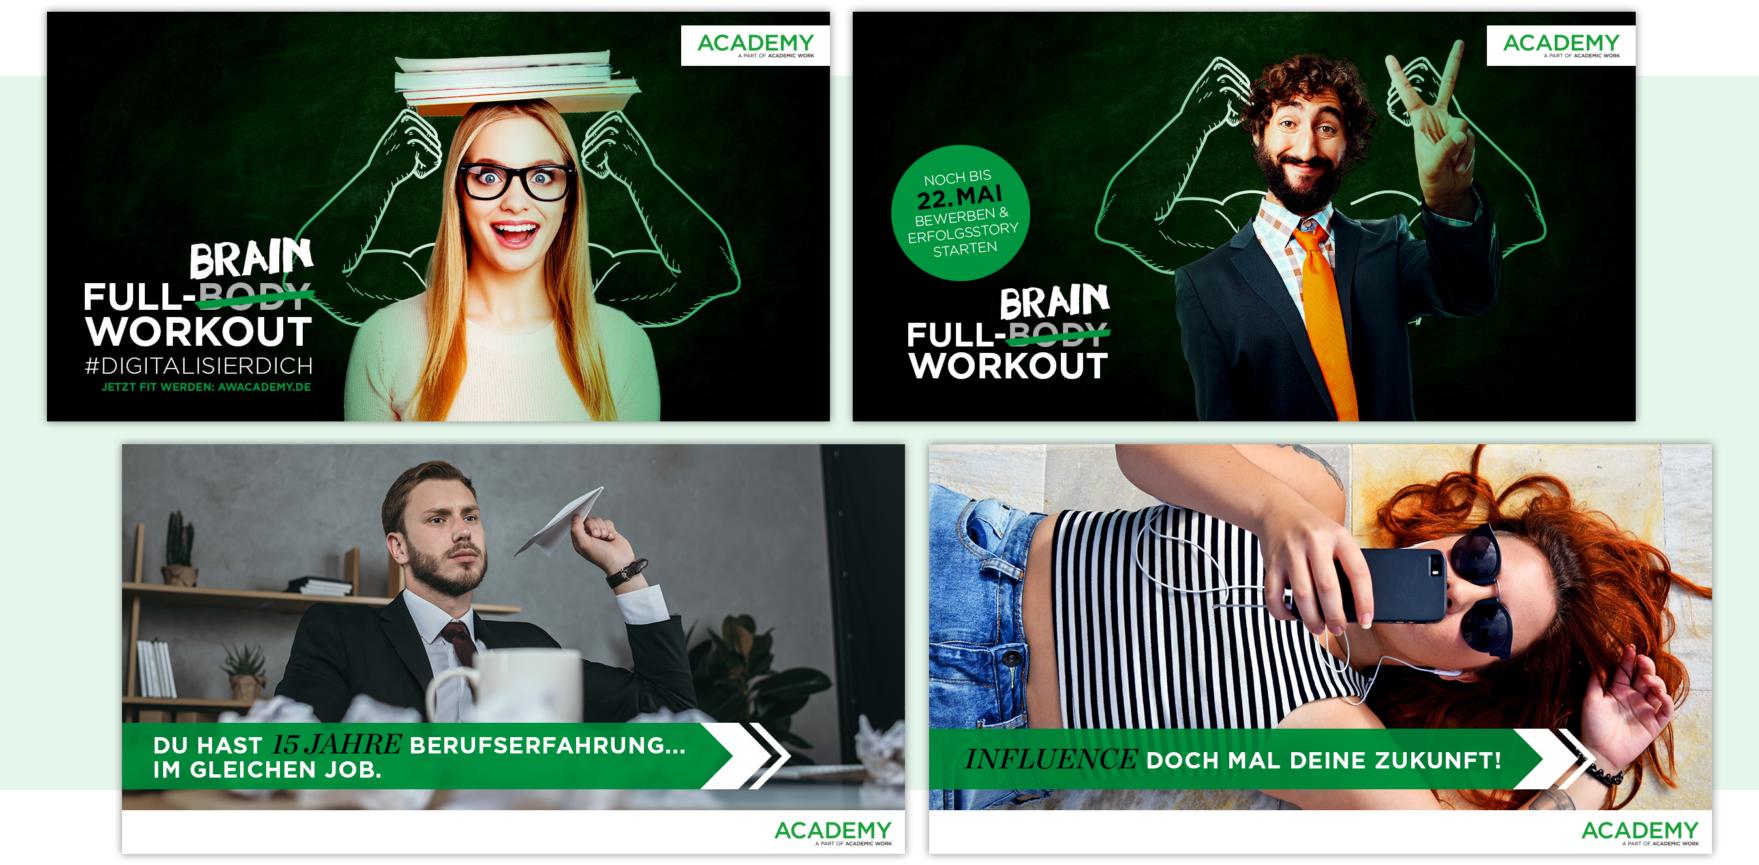 Academy Facebook Native Advertising